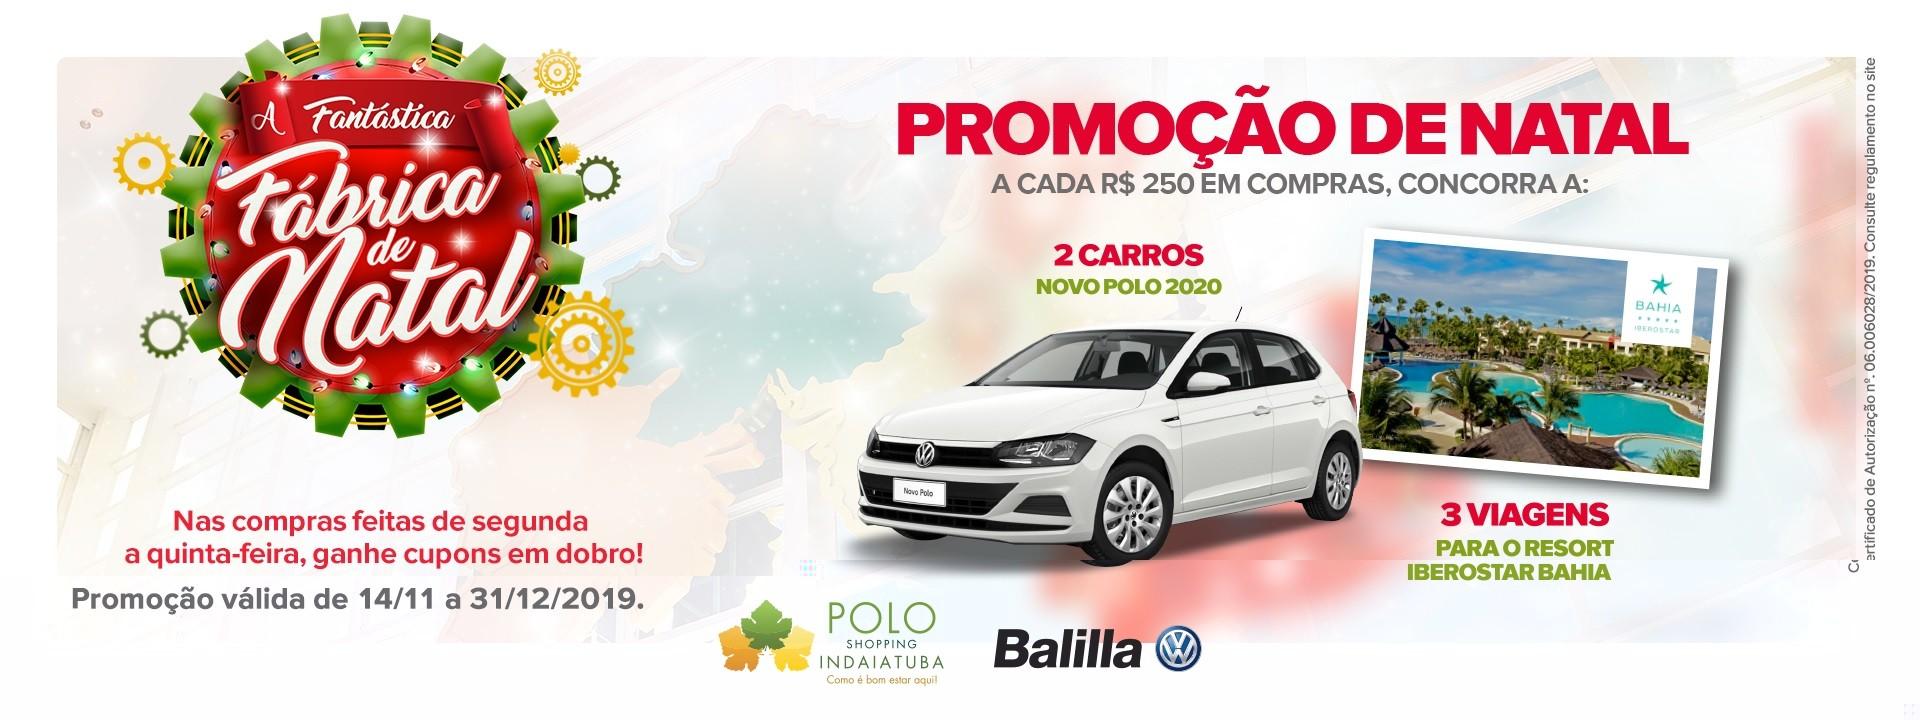 Promo de Natal Polo Shopping Indaiatuba